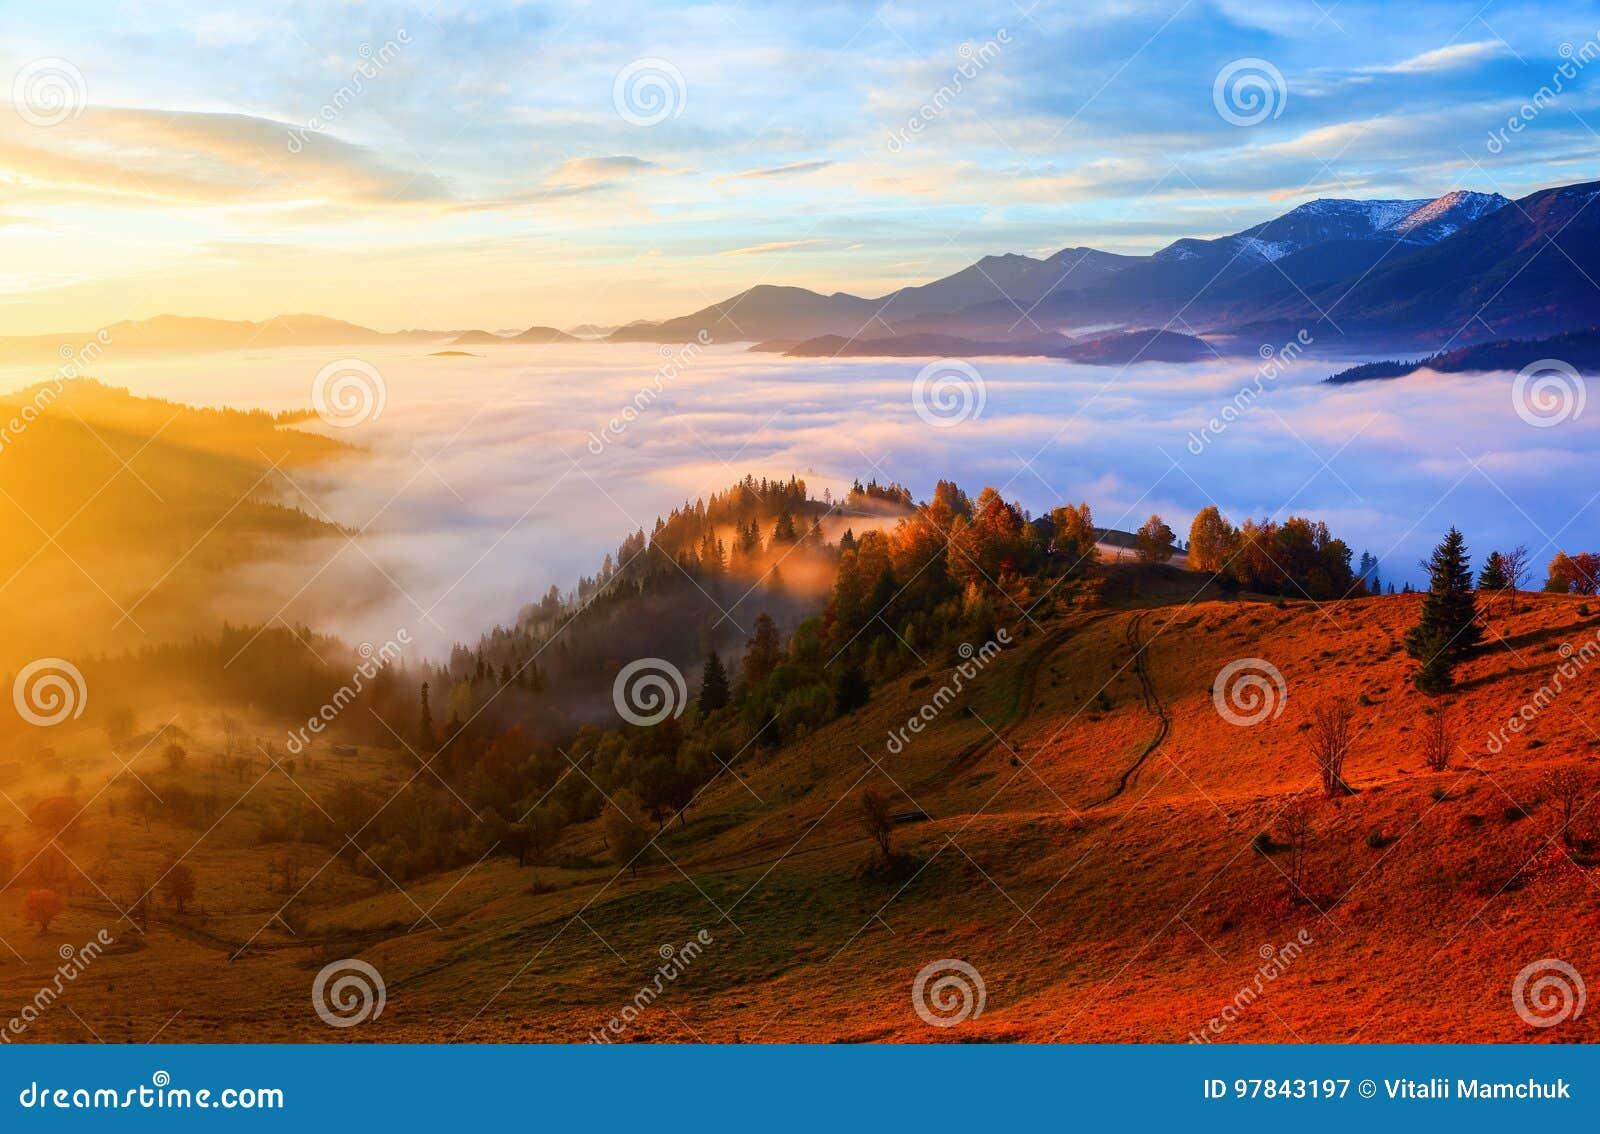 De dikke mist, behandelde de vallei, waarachter bergheuvels toeneem